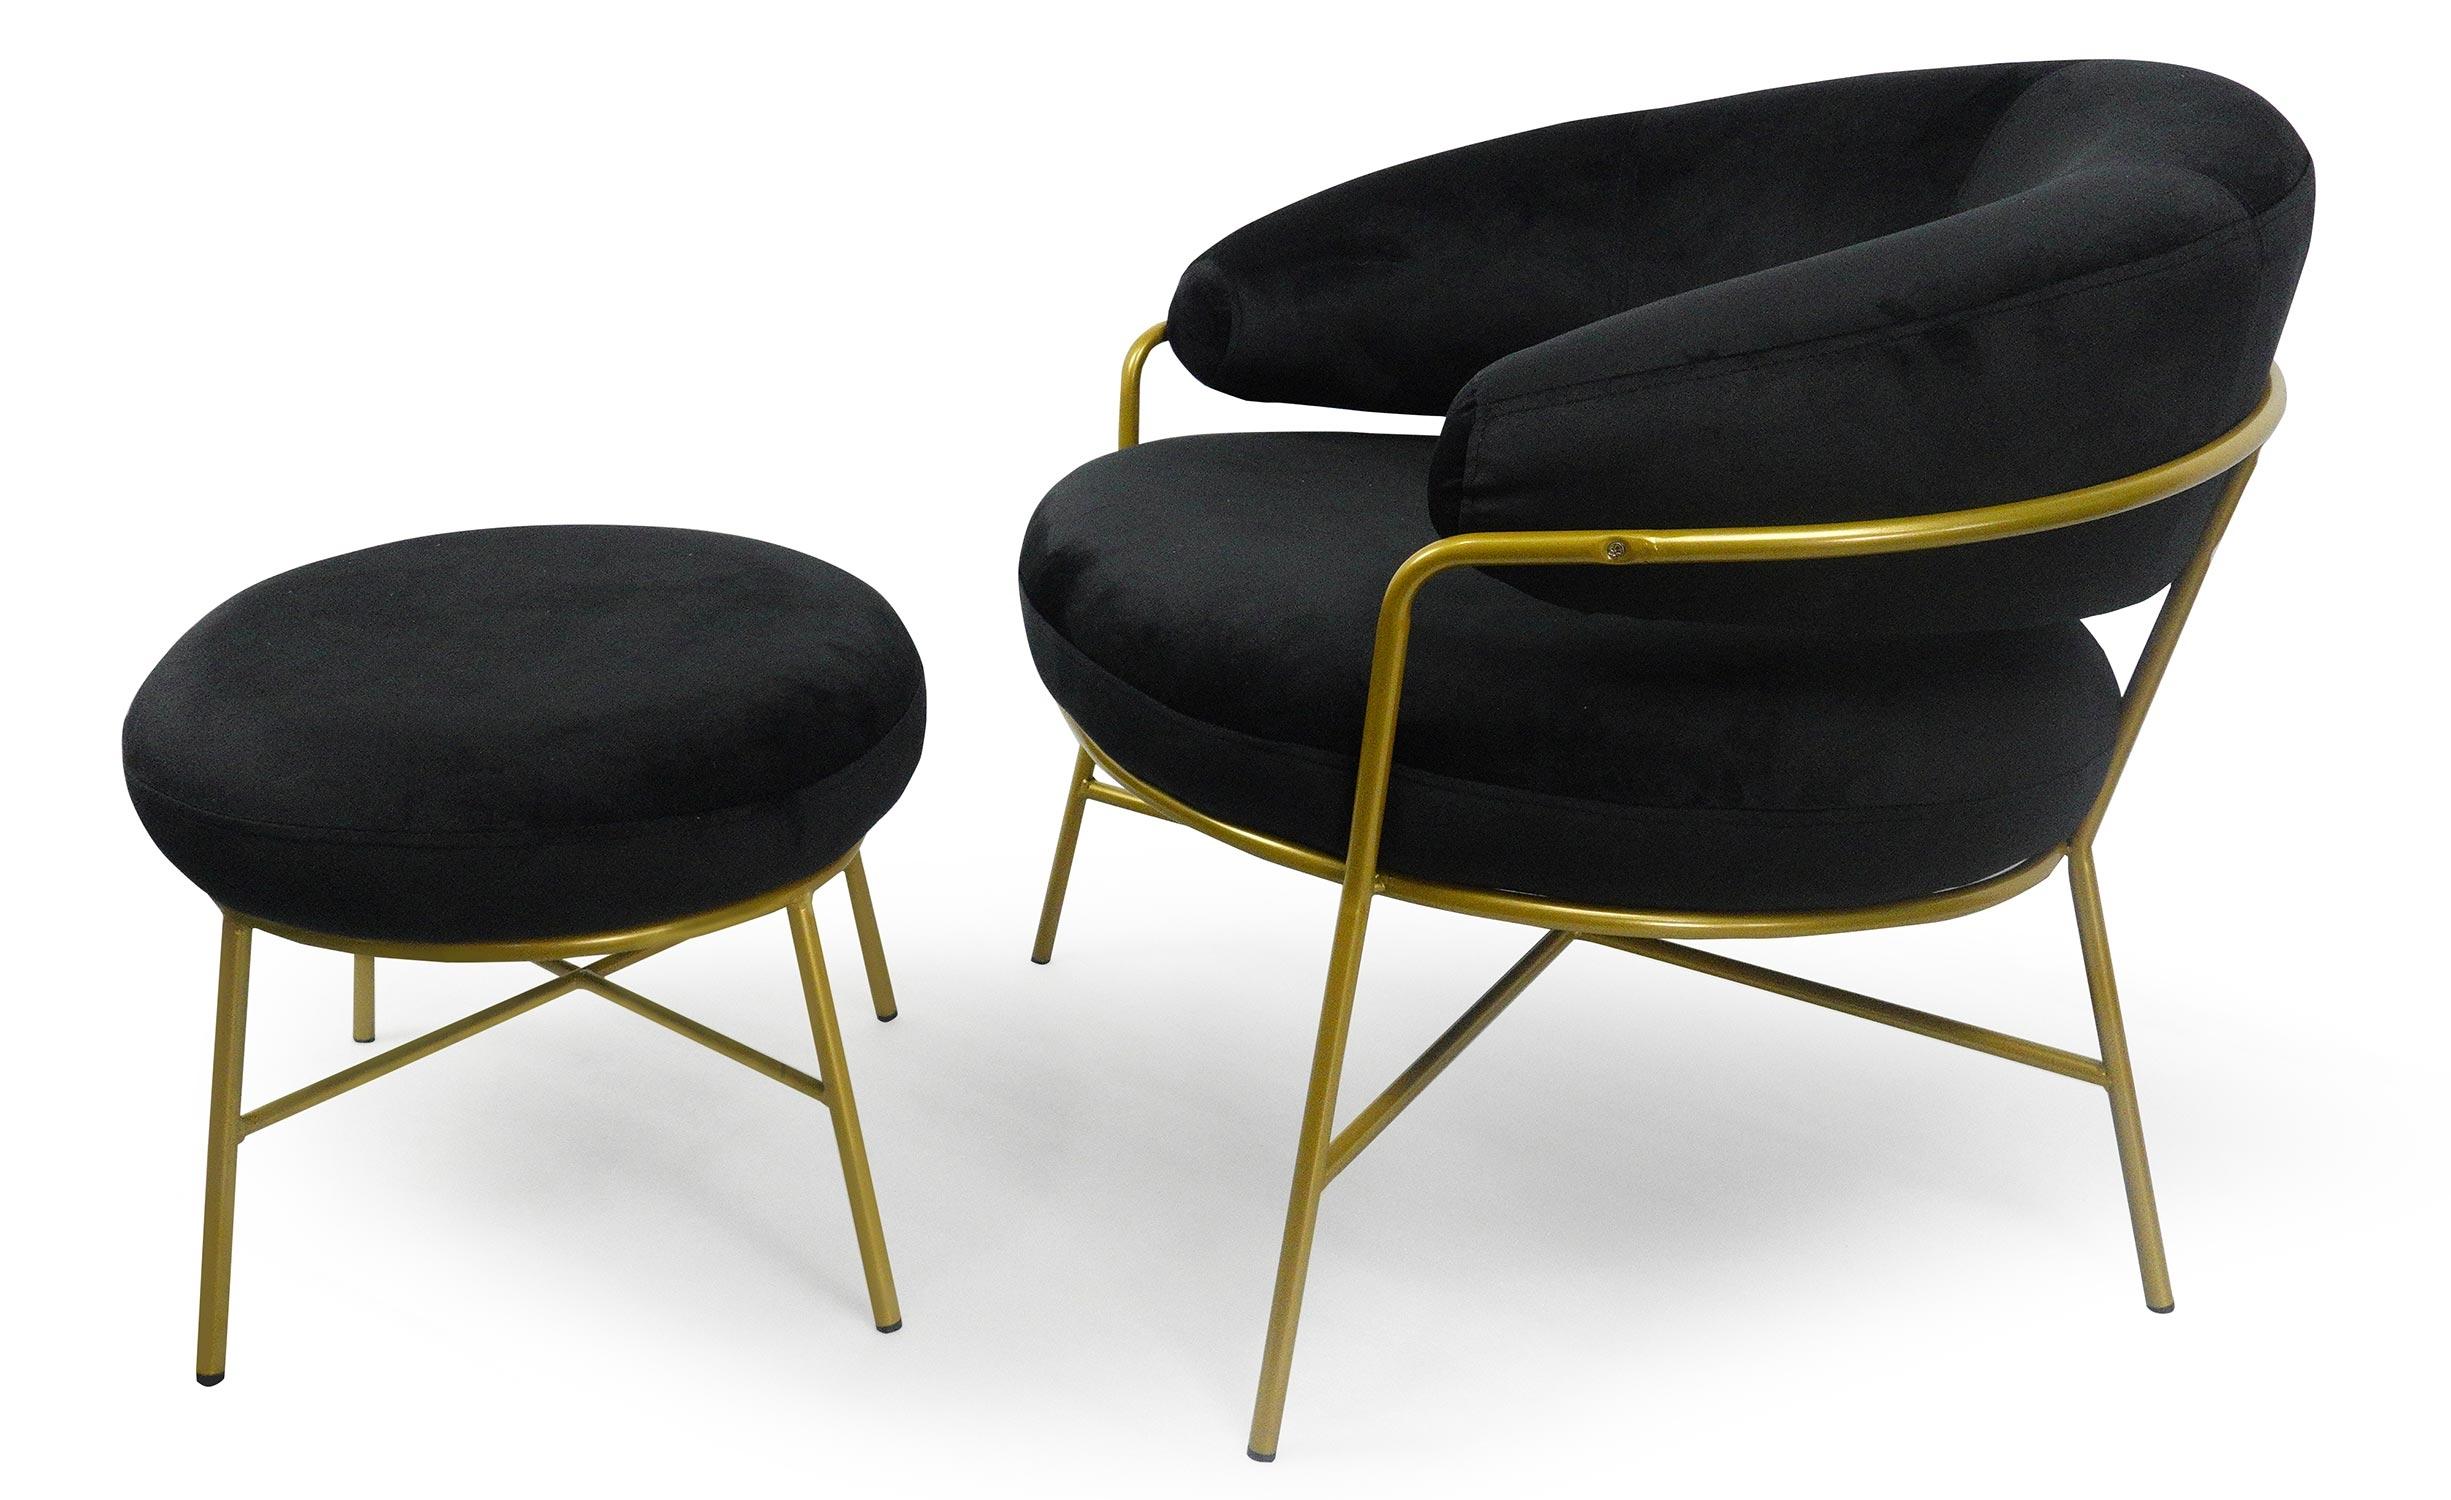 Nanty fauteuil + voetenbank zwart Velvet ottomaanse gouden voet